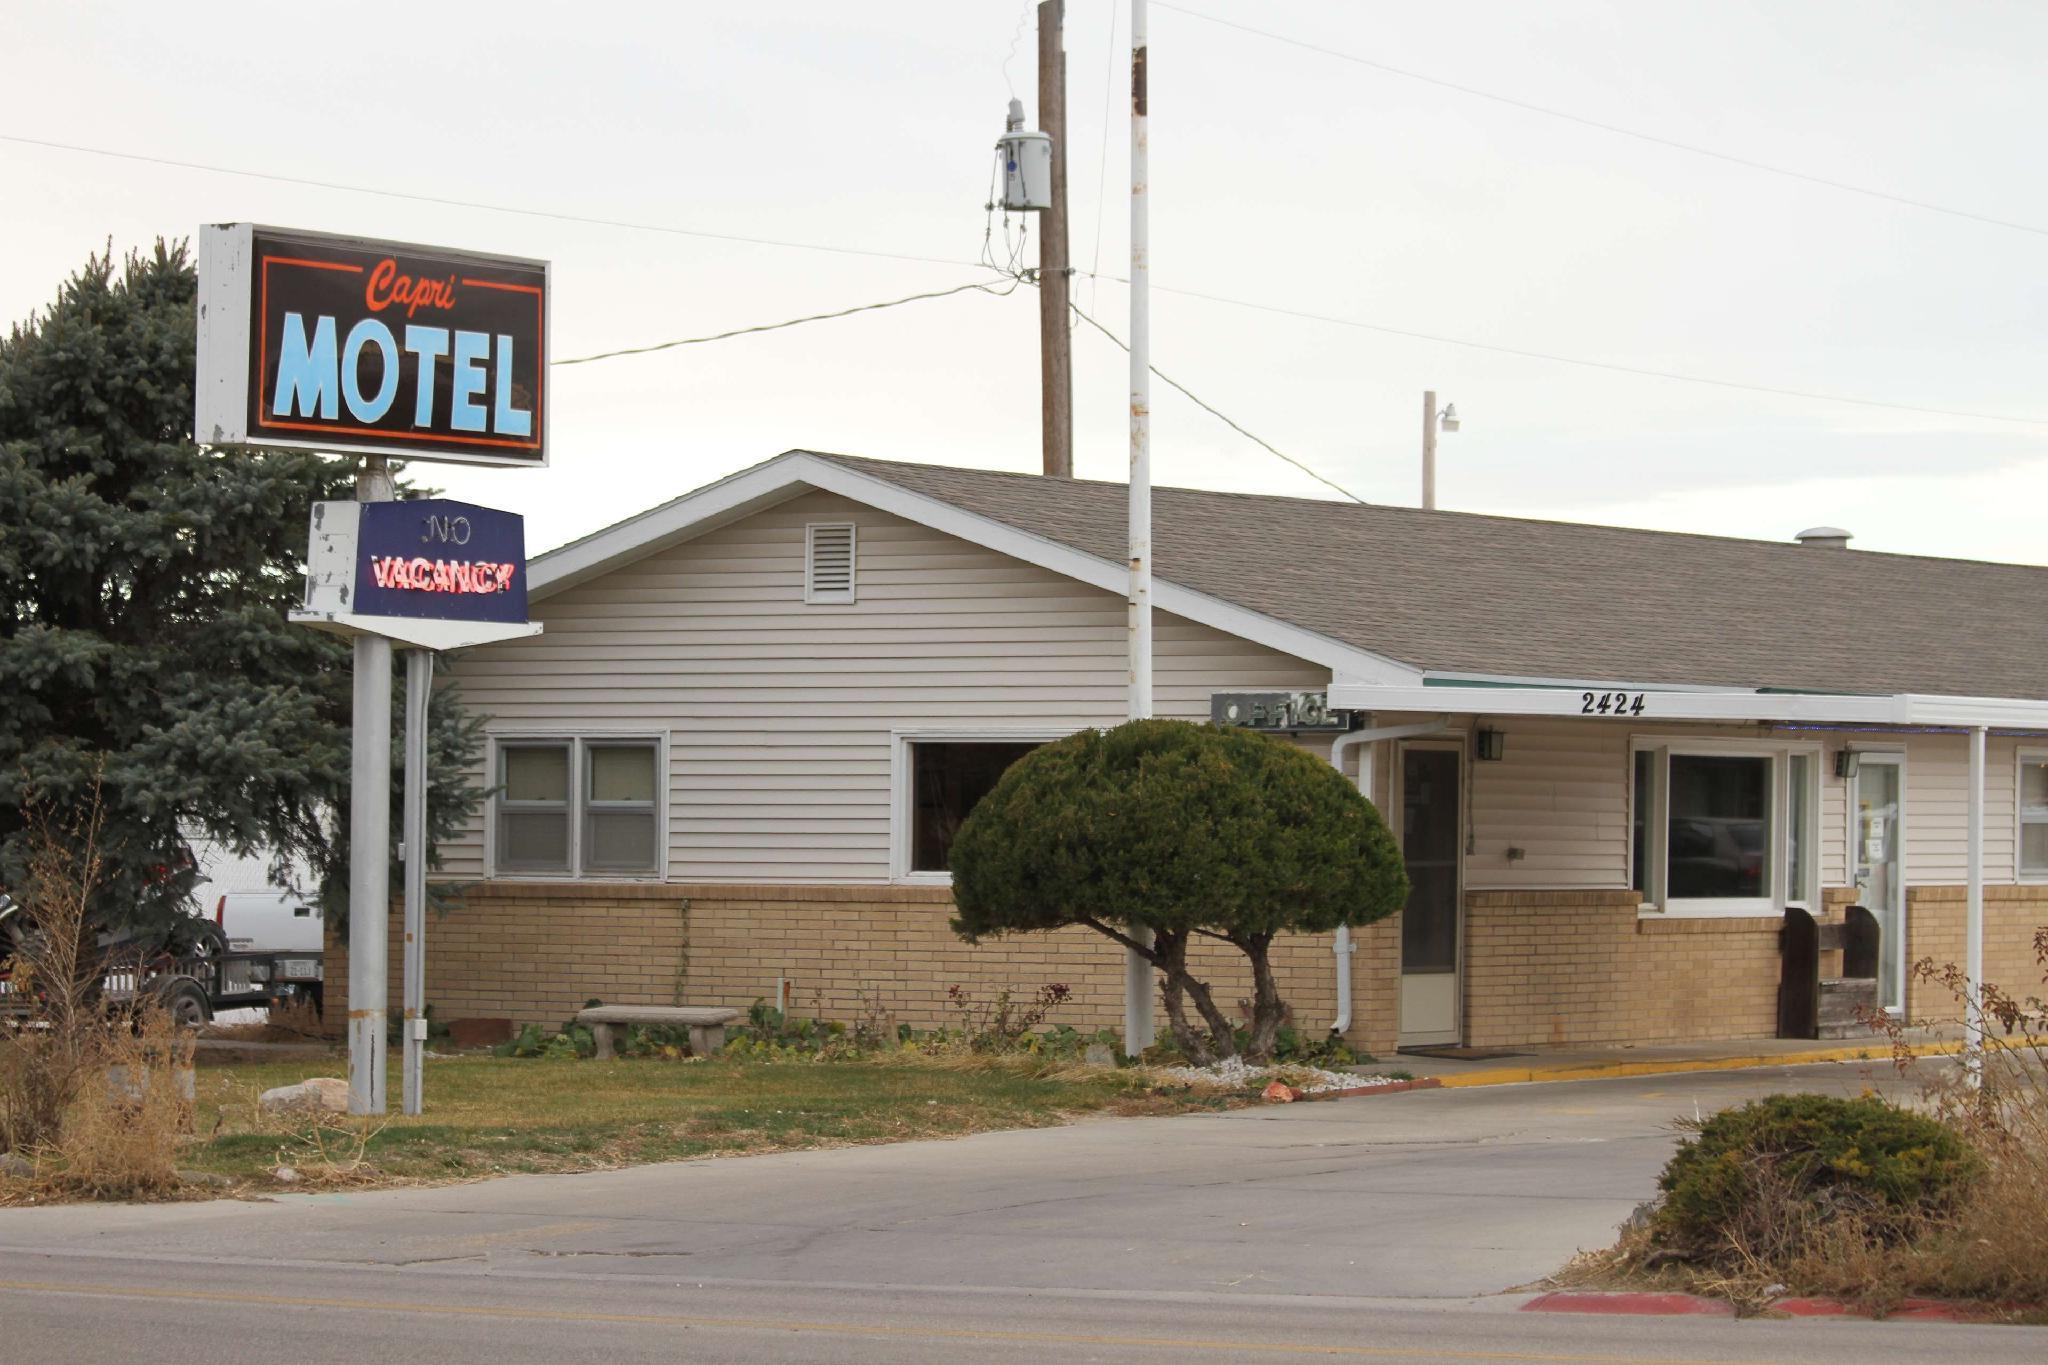 Capri Motel Scottsbluff